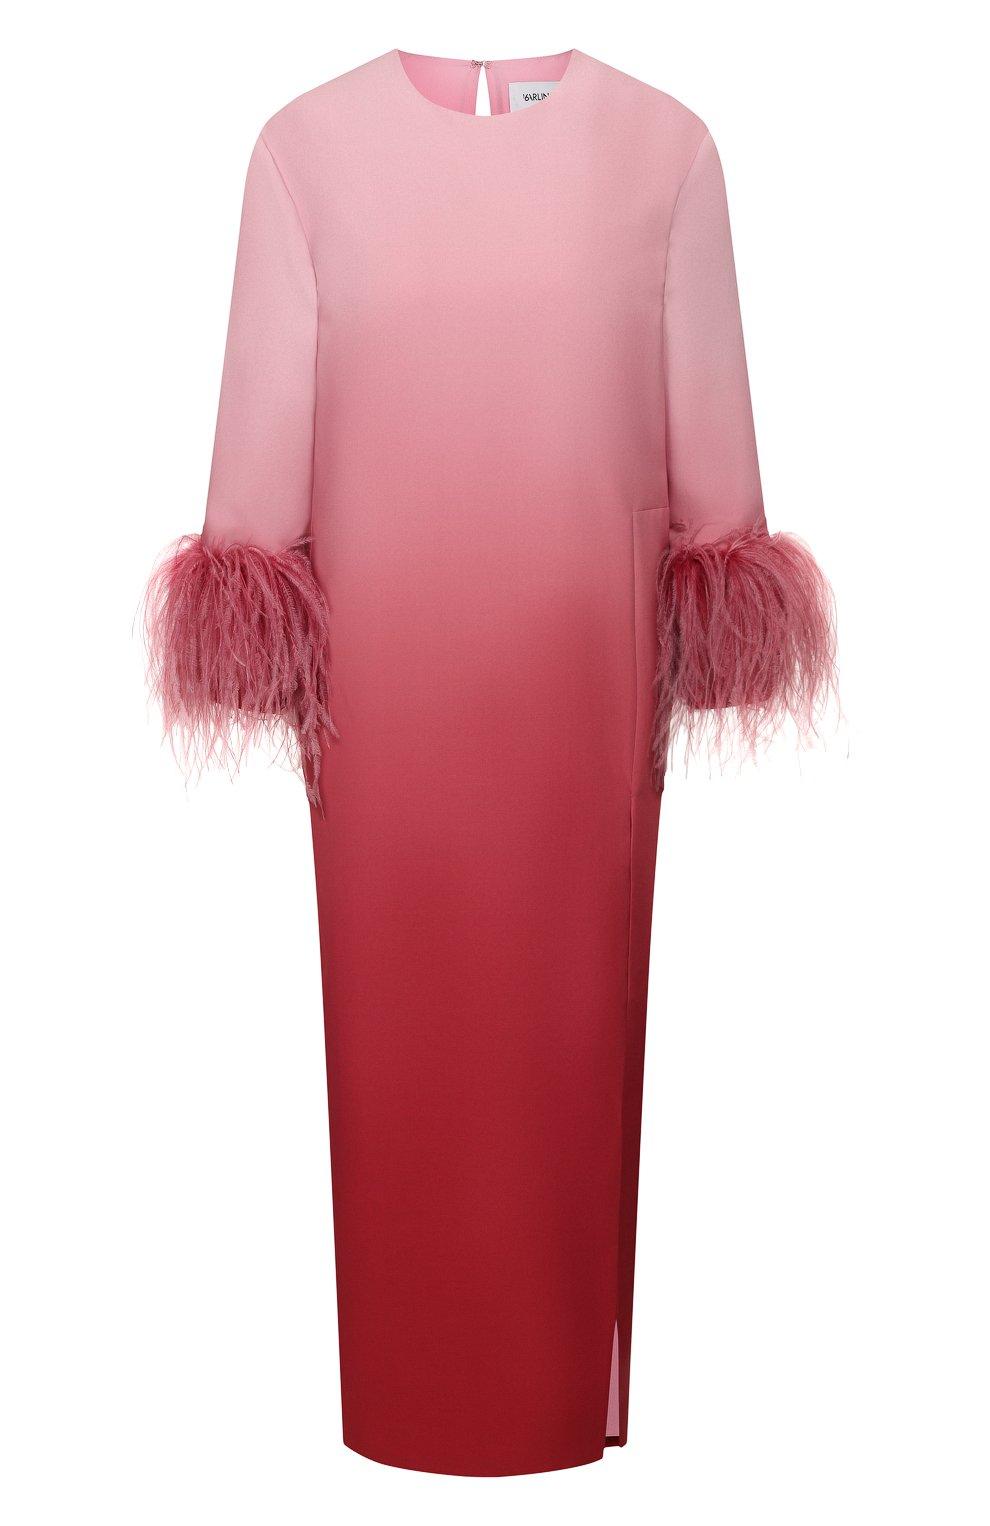 Женское платье-миди 16 ARLINGTON розового цвета, арт. D-021-S20-PNK/RED-0MBRE 0MBRE CREPE | Фото 1